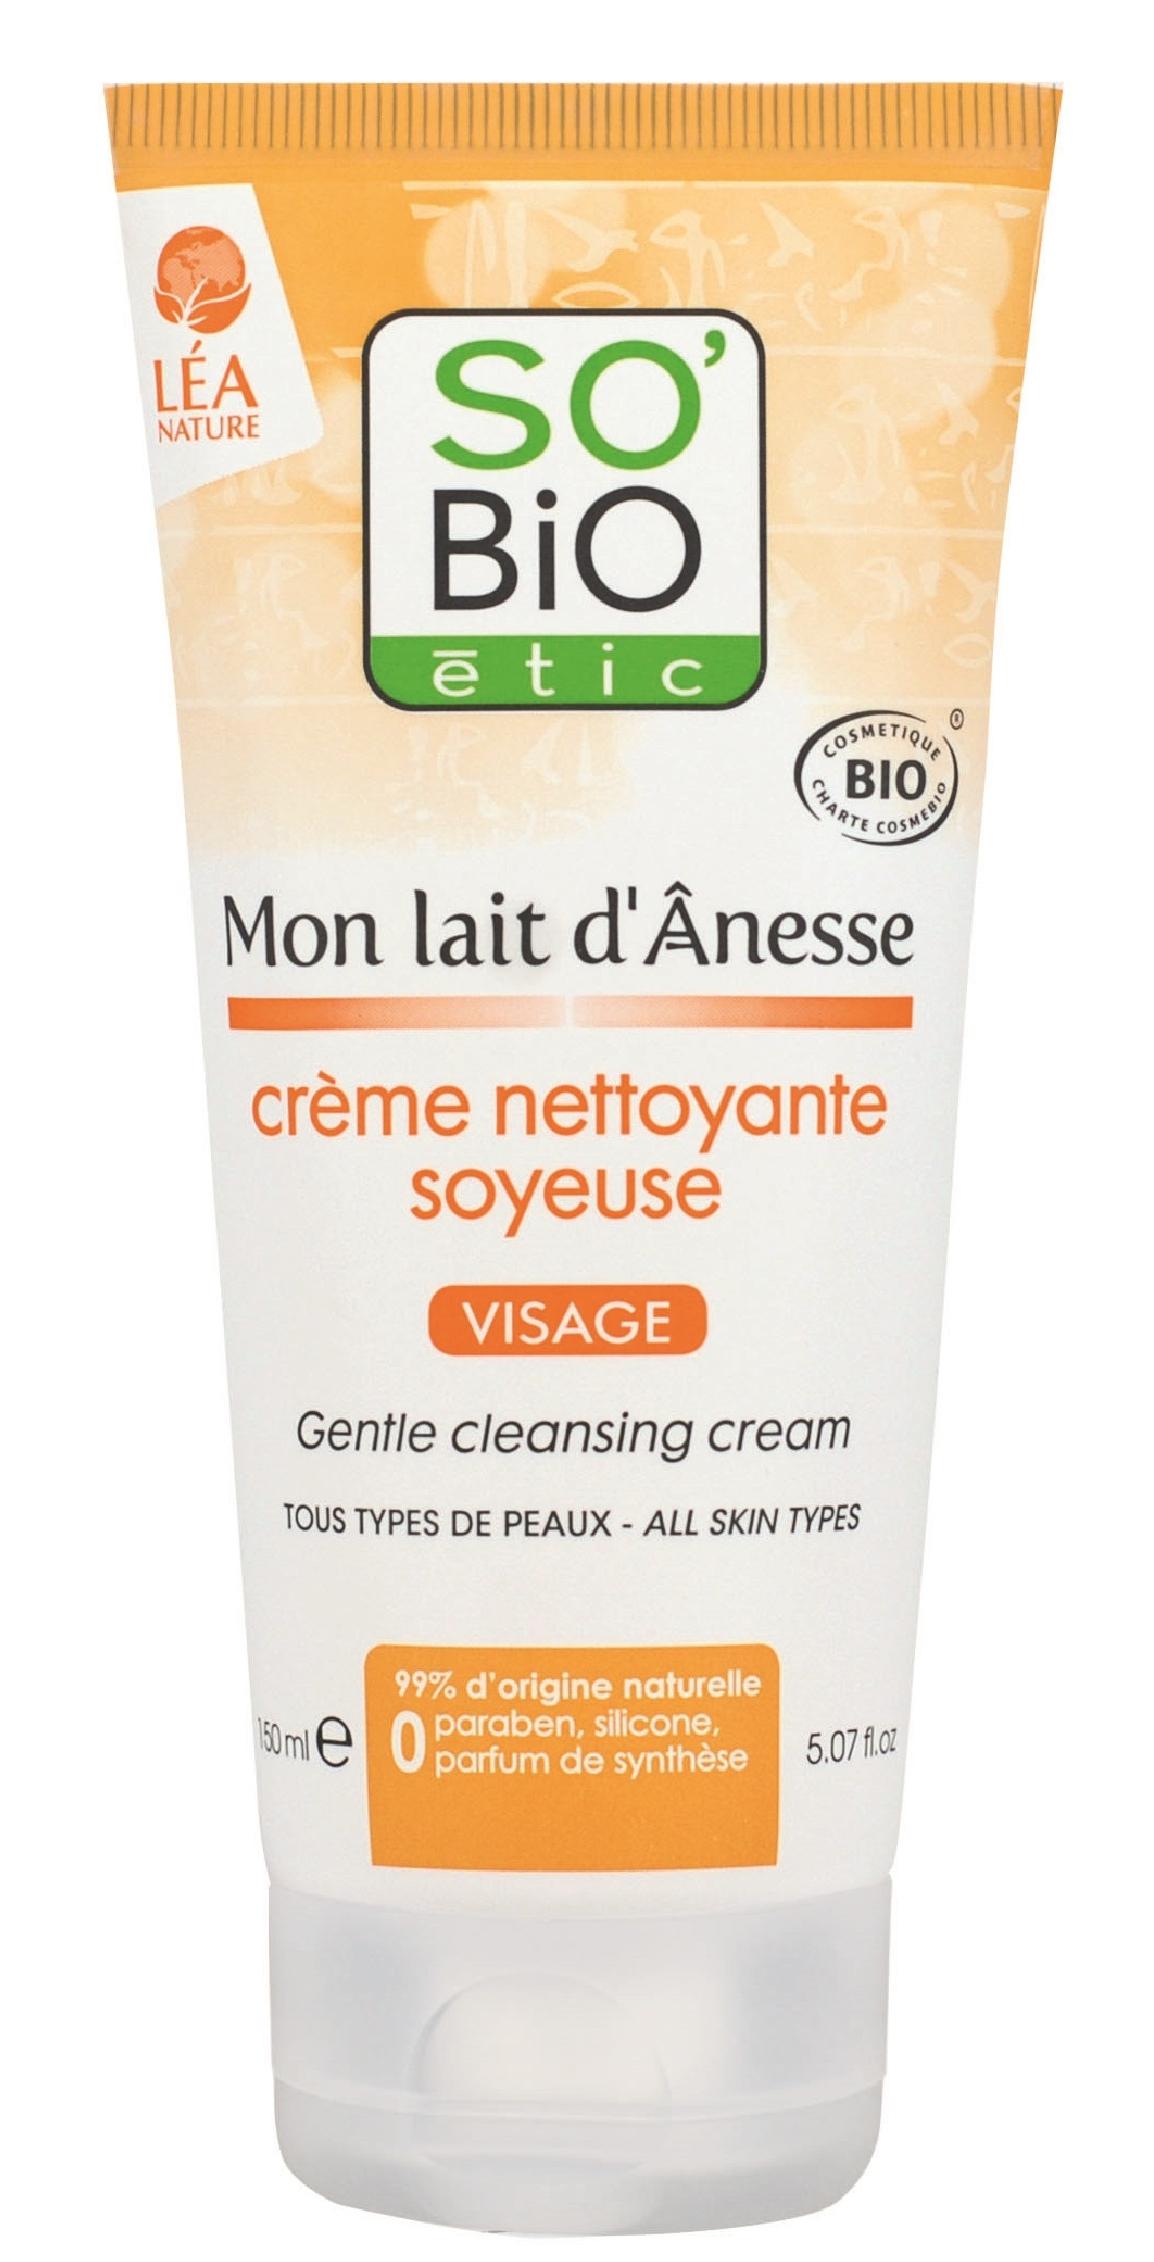 Crema Curatare Delicata So Bio Etic Mon Lait Danesse Cu Lapte De Magarita Eco 150ml